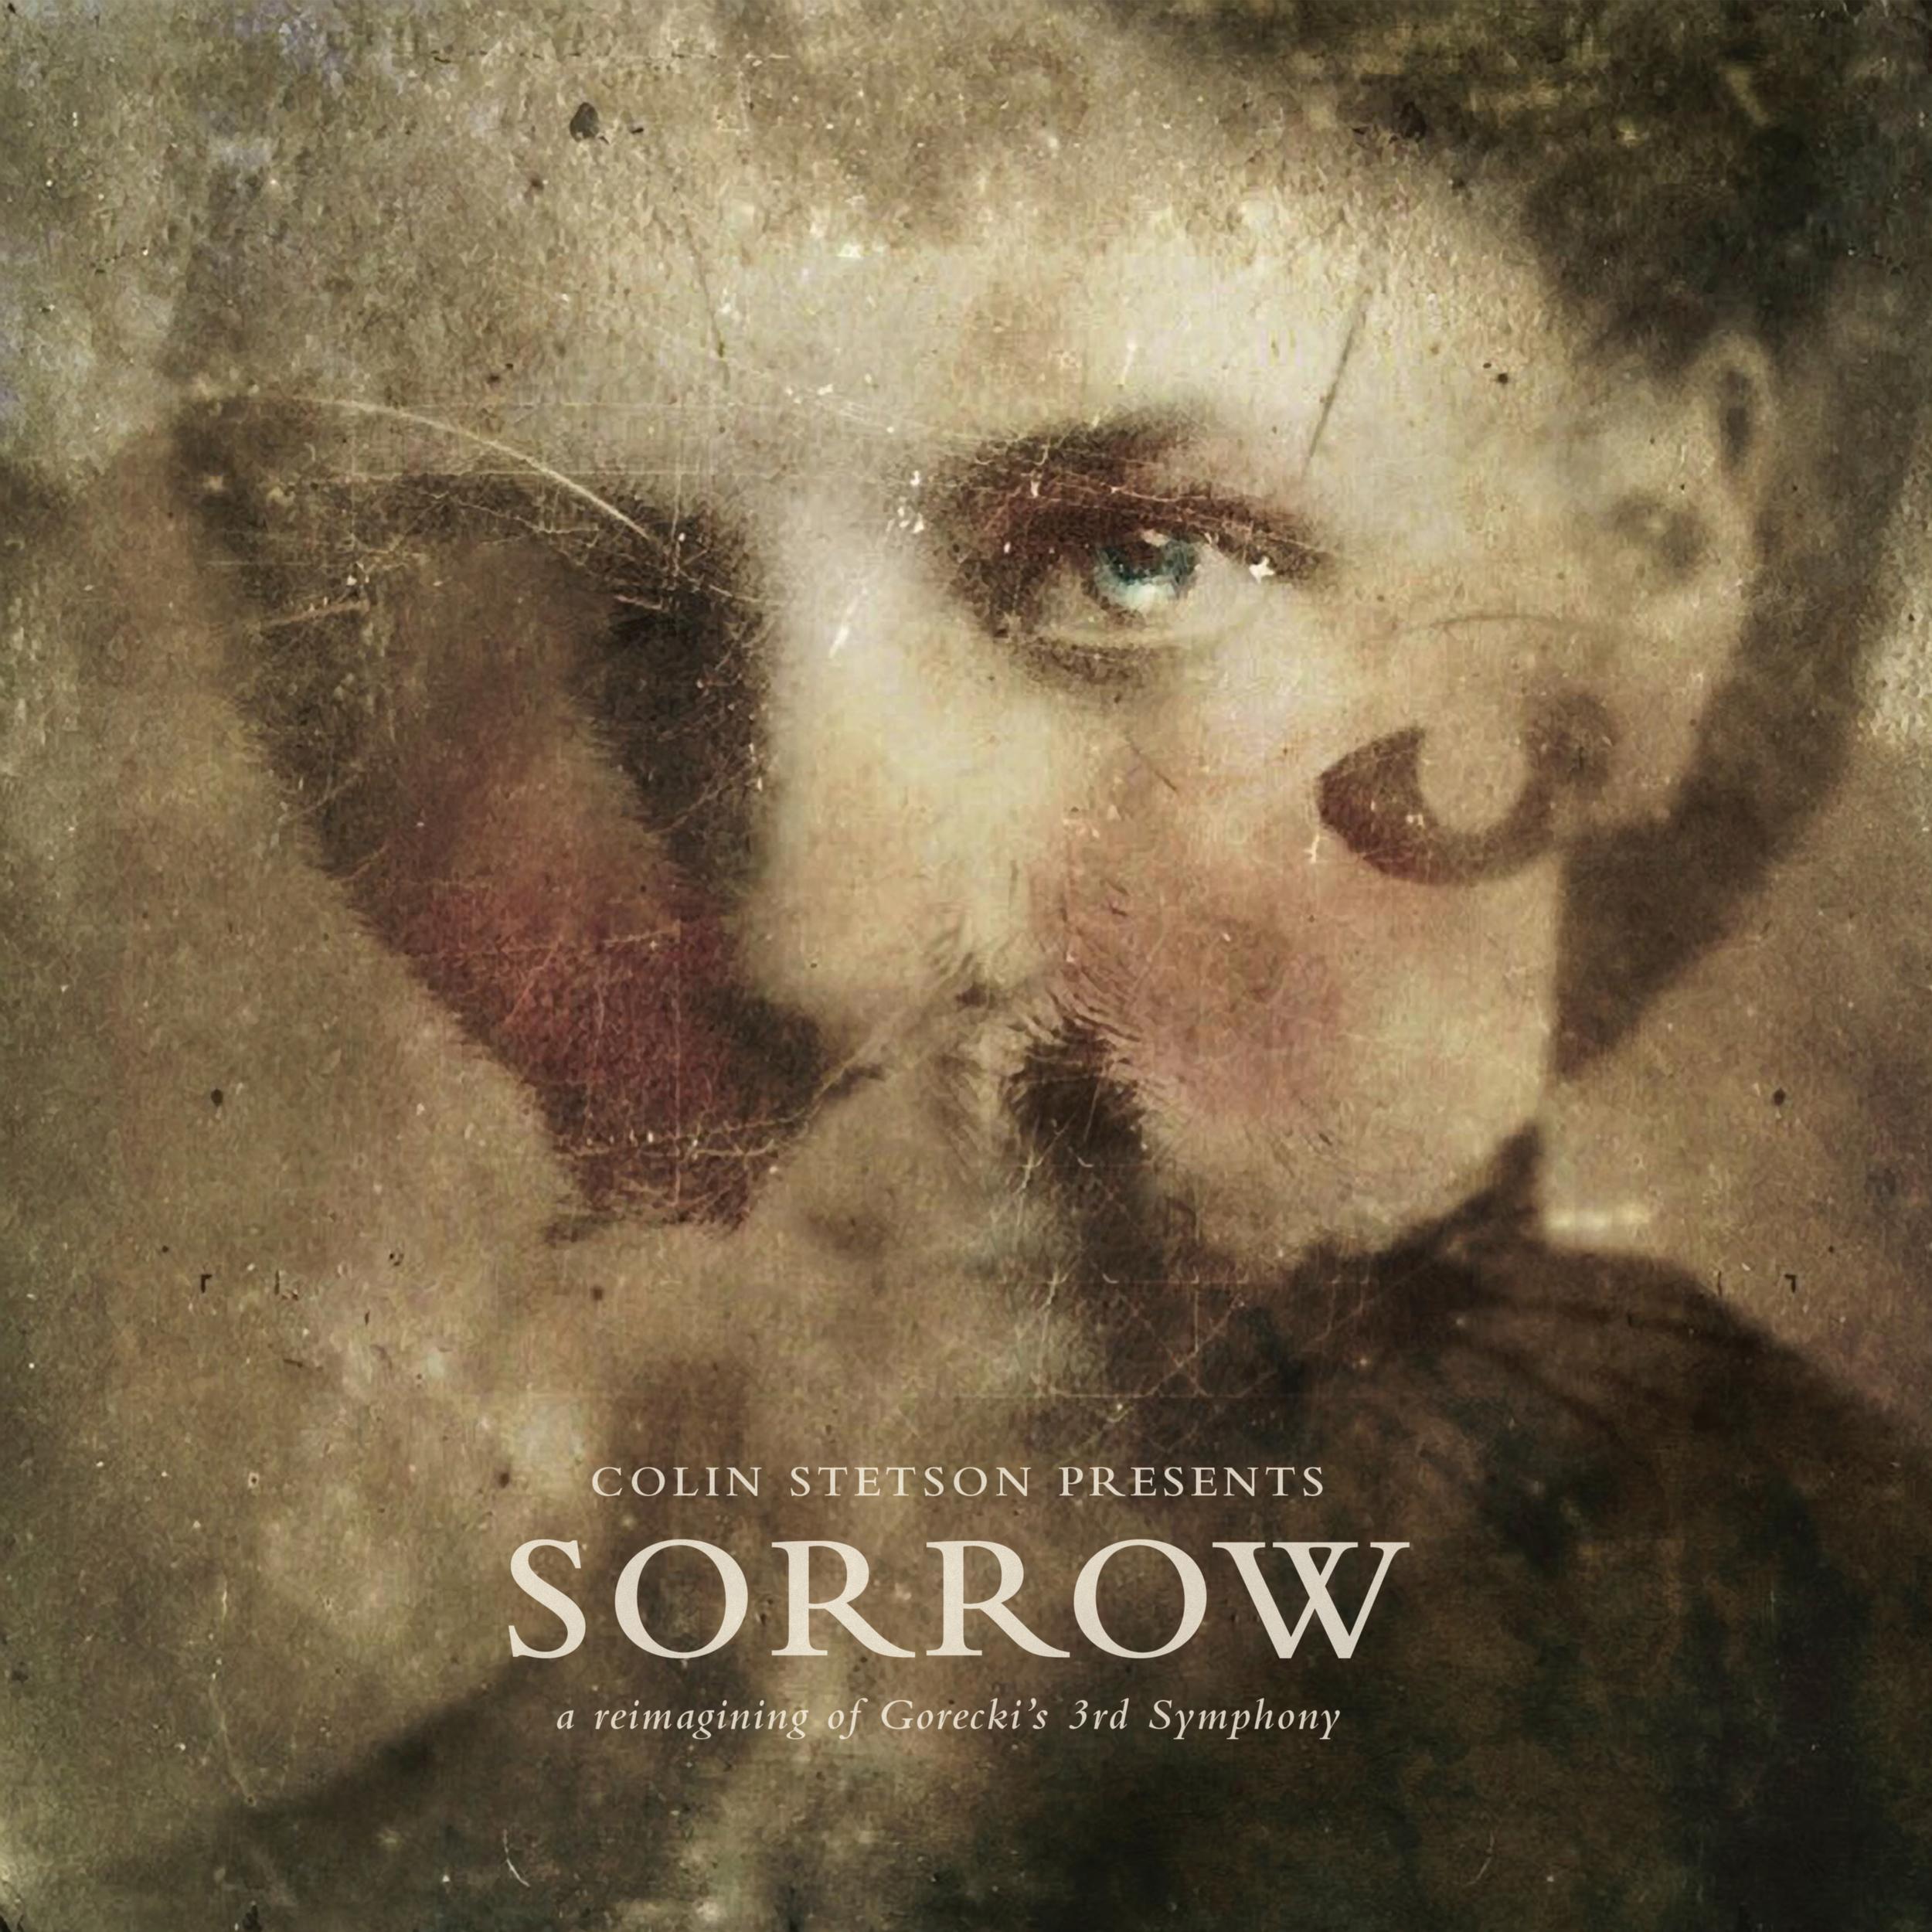 Colin Stetson | Sorrow | 2016